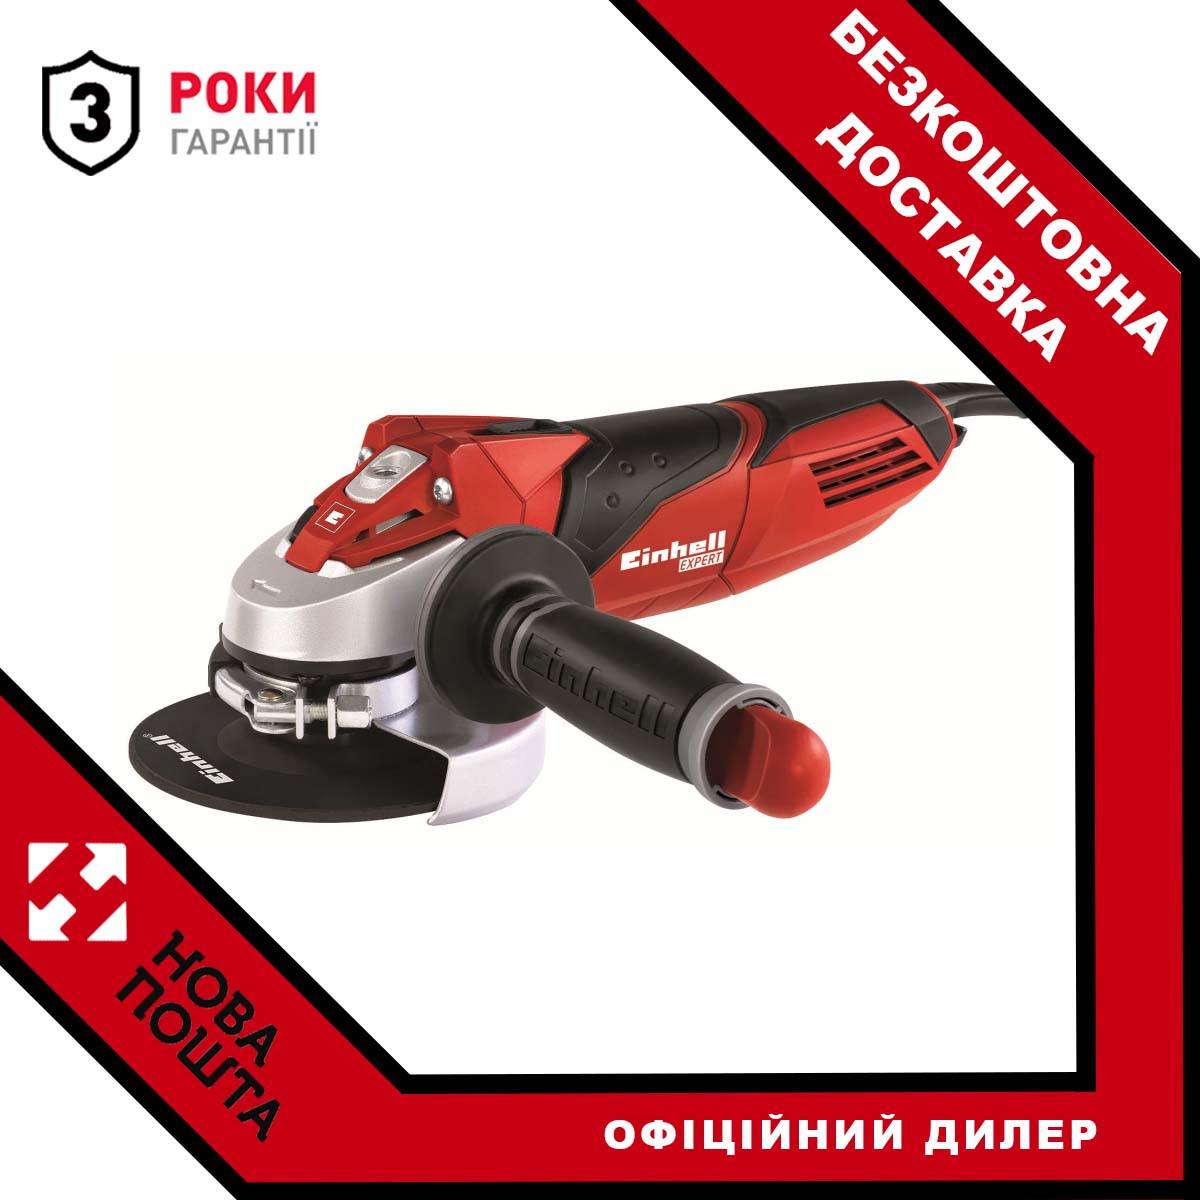 Кутова шліфмашина Einhell TE-AG 125/750 New (4430880)